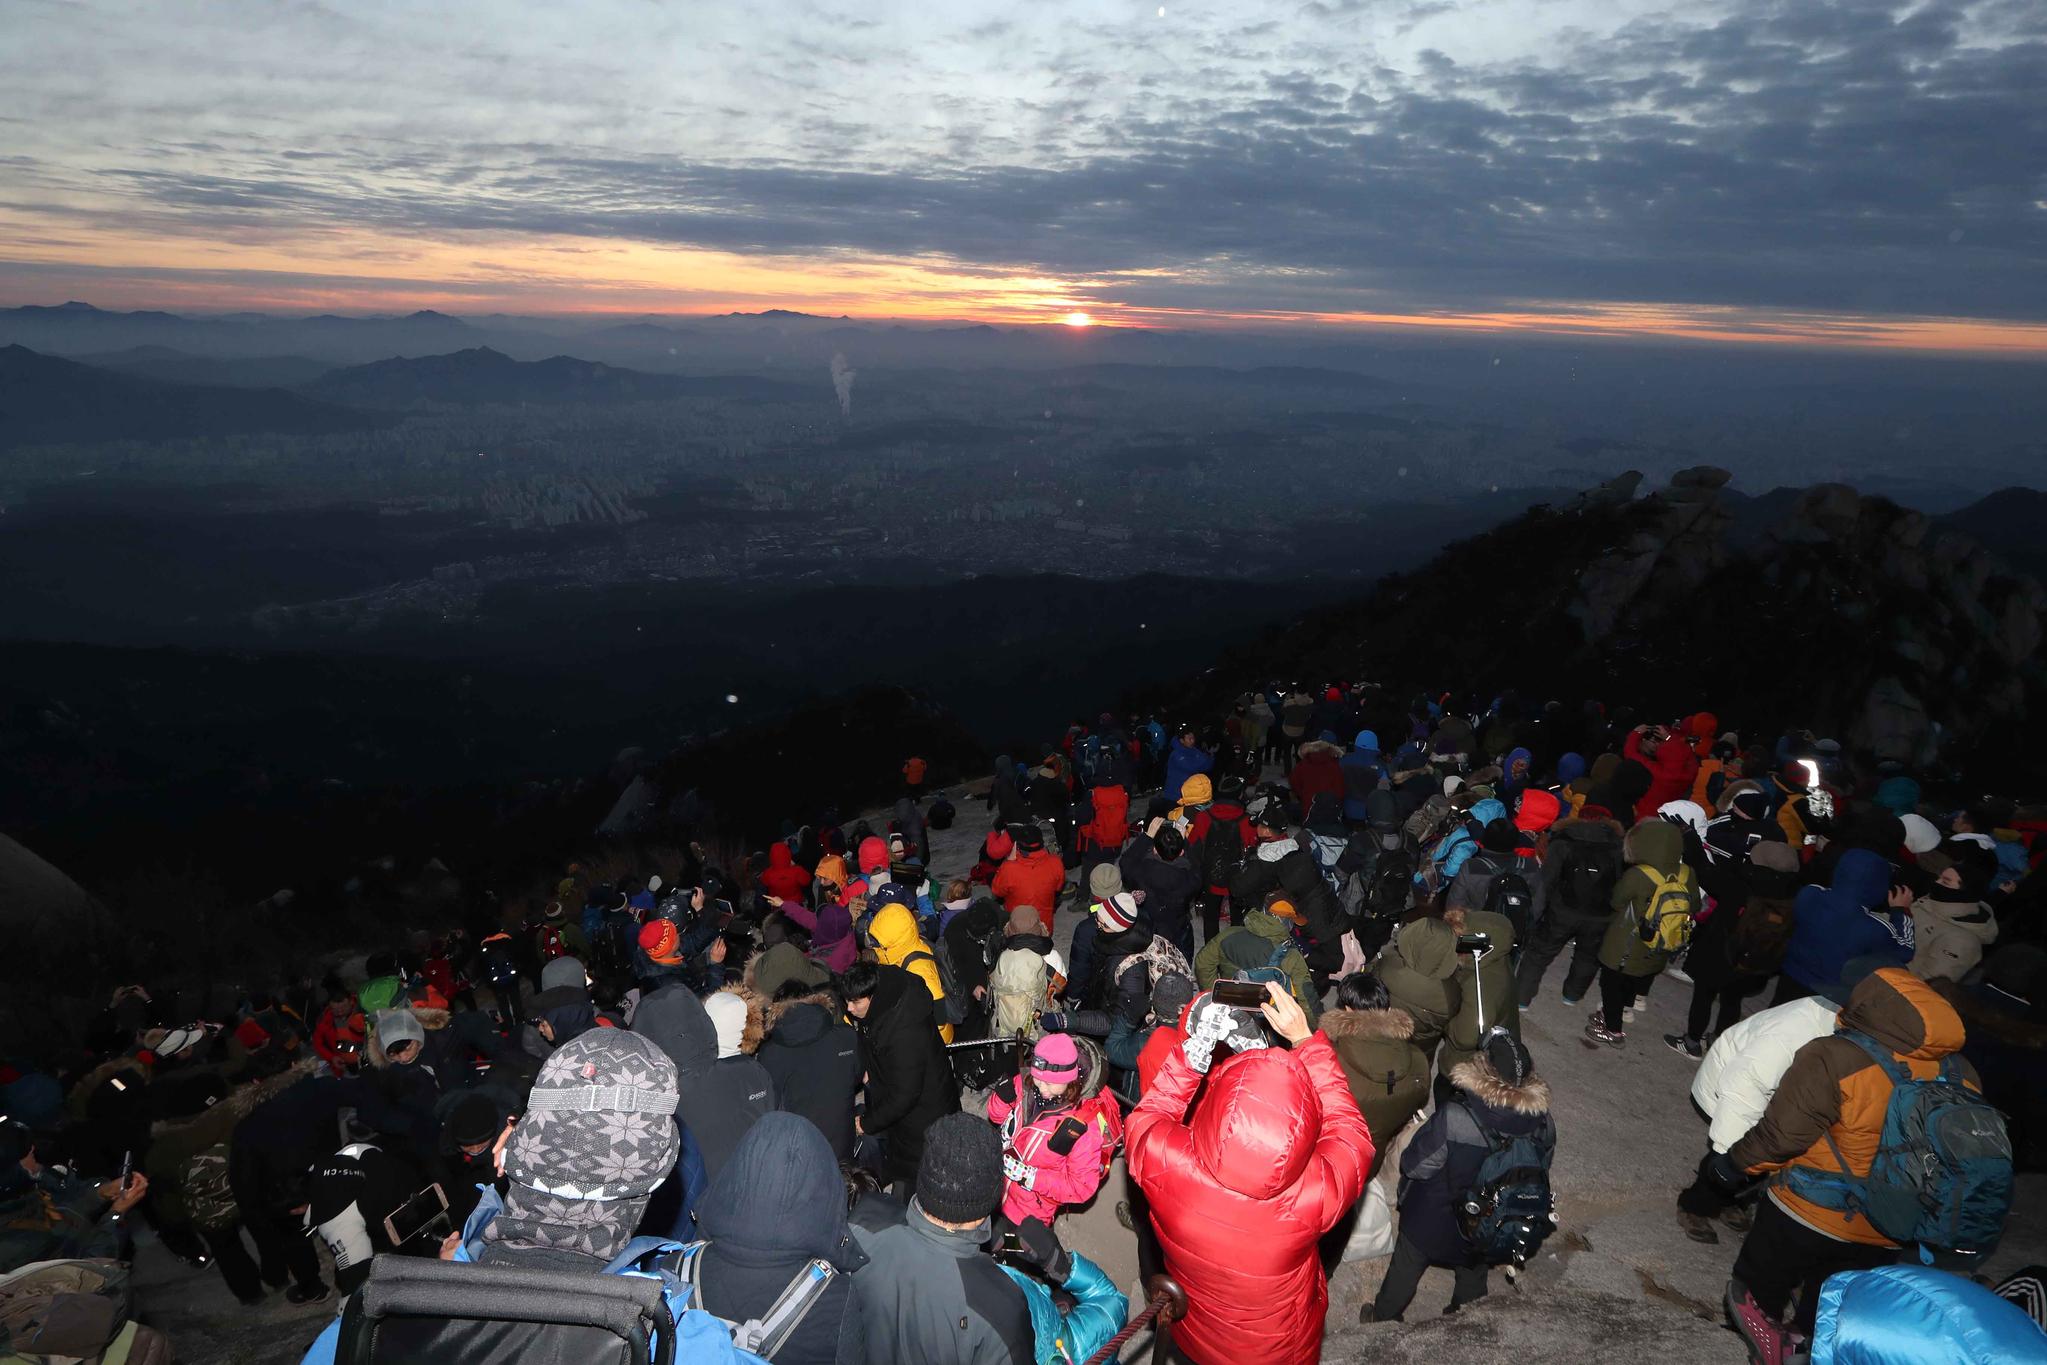 새해 첫 날인 1일 등산객들이 북한산 백운대 정상에서 해돋이를 지켜보고 있다. 국립공원 북한산 우이분소는 이날 백운대에 1000 여명이 몰렸다고 밝혔다. 김상선 기자